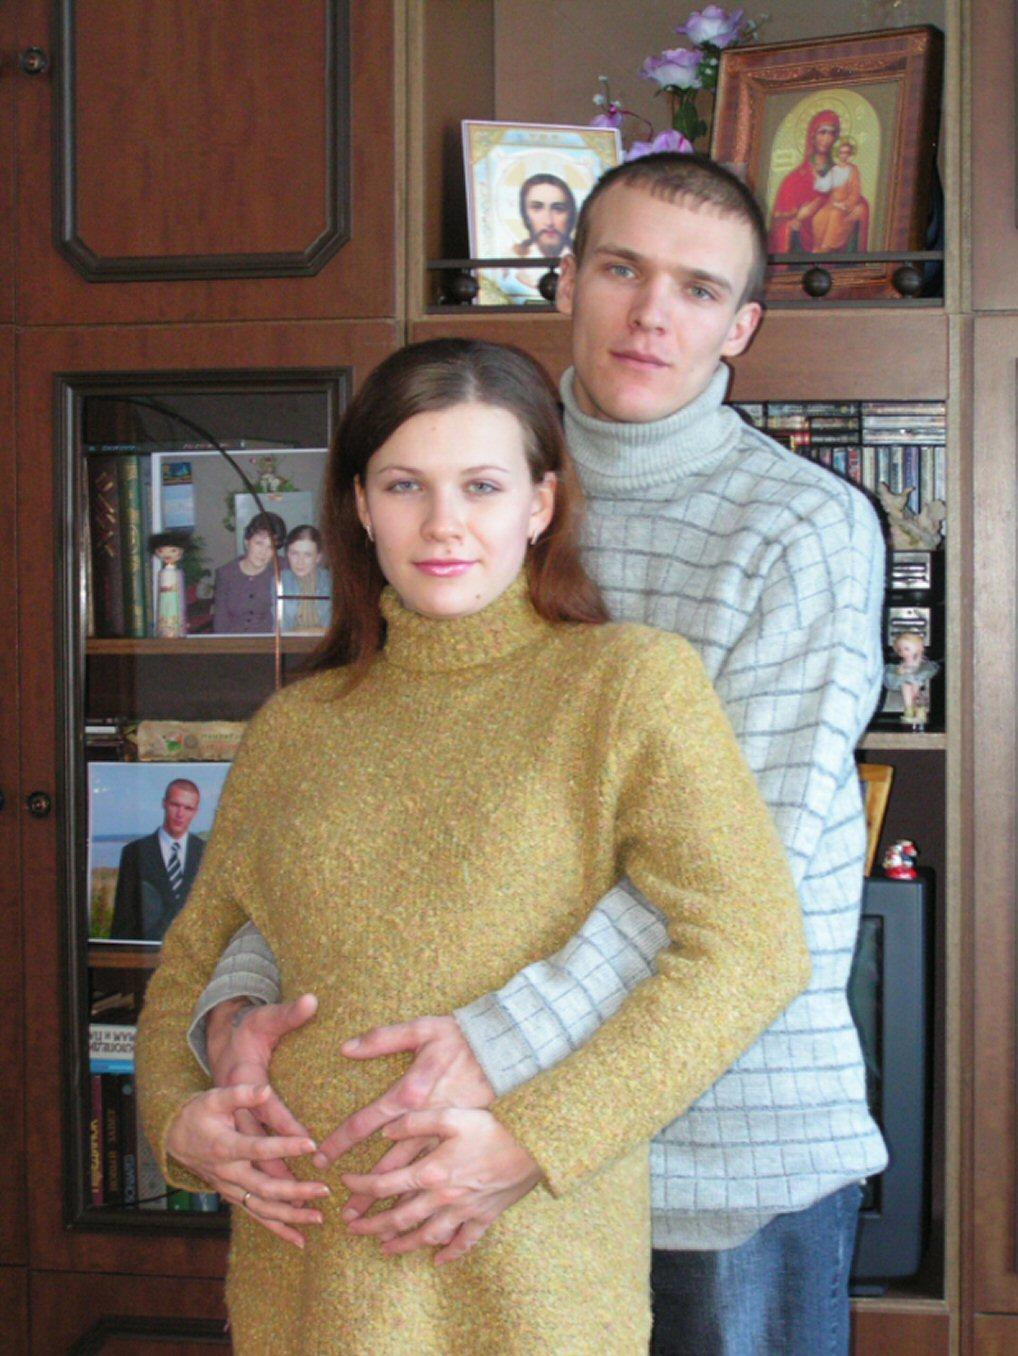 Как хорошо всем вместе!!!. Счастлива, потому что беременна